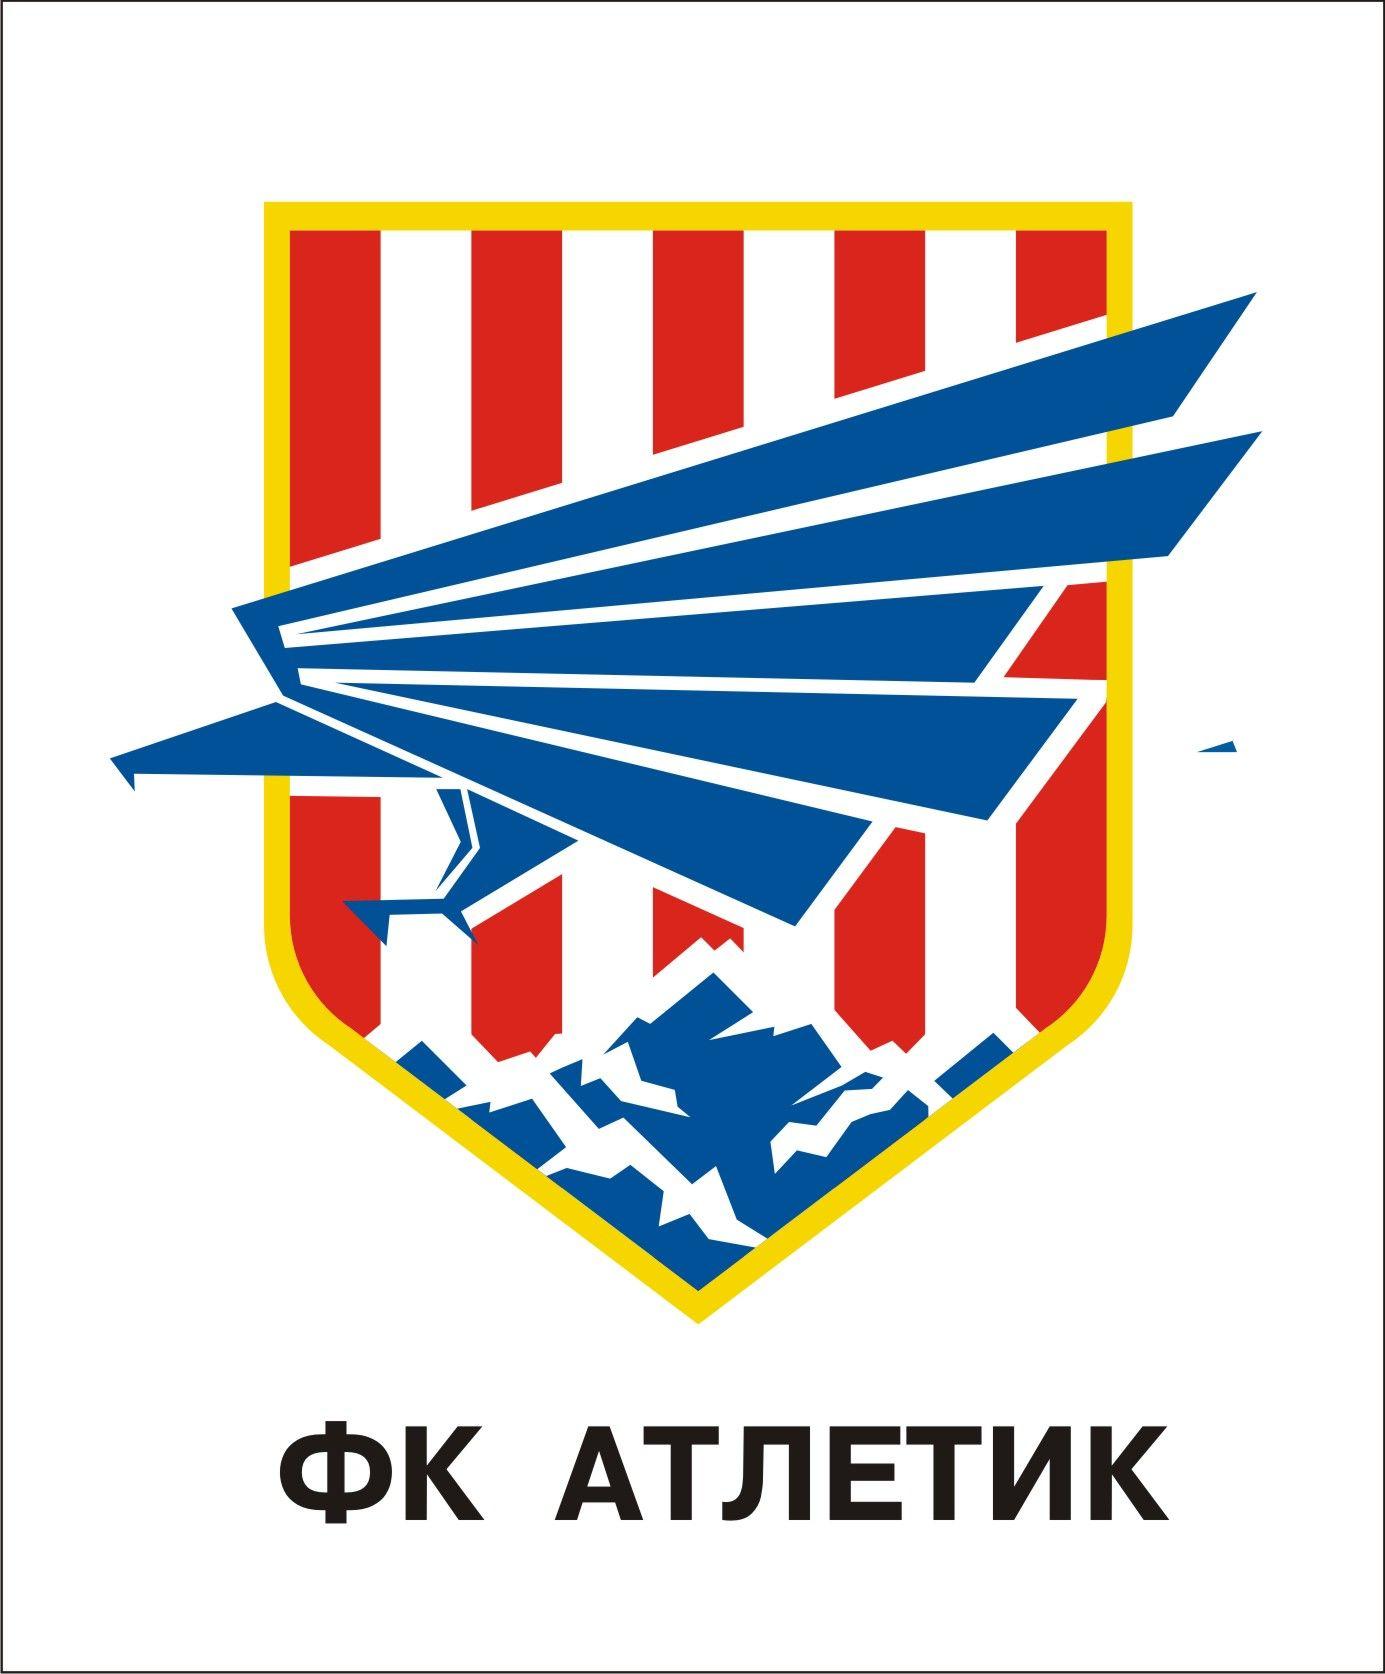 Логотип для Футбольного клуба  - дизайнер salavat_staff